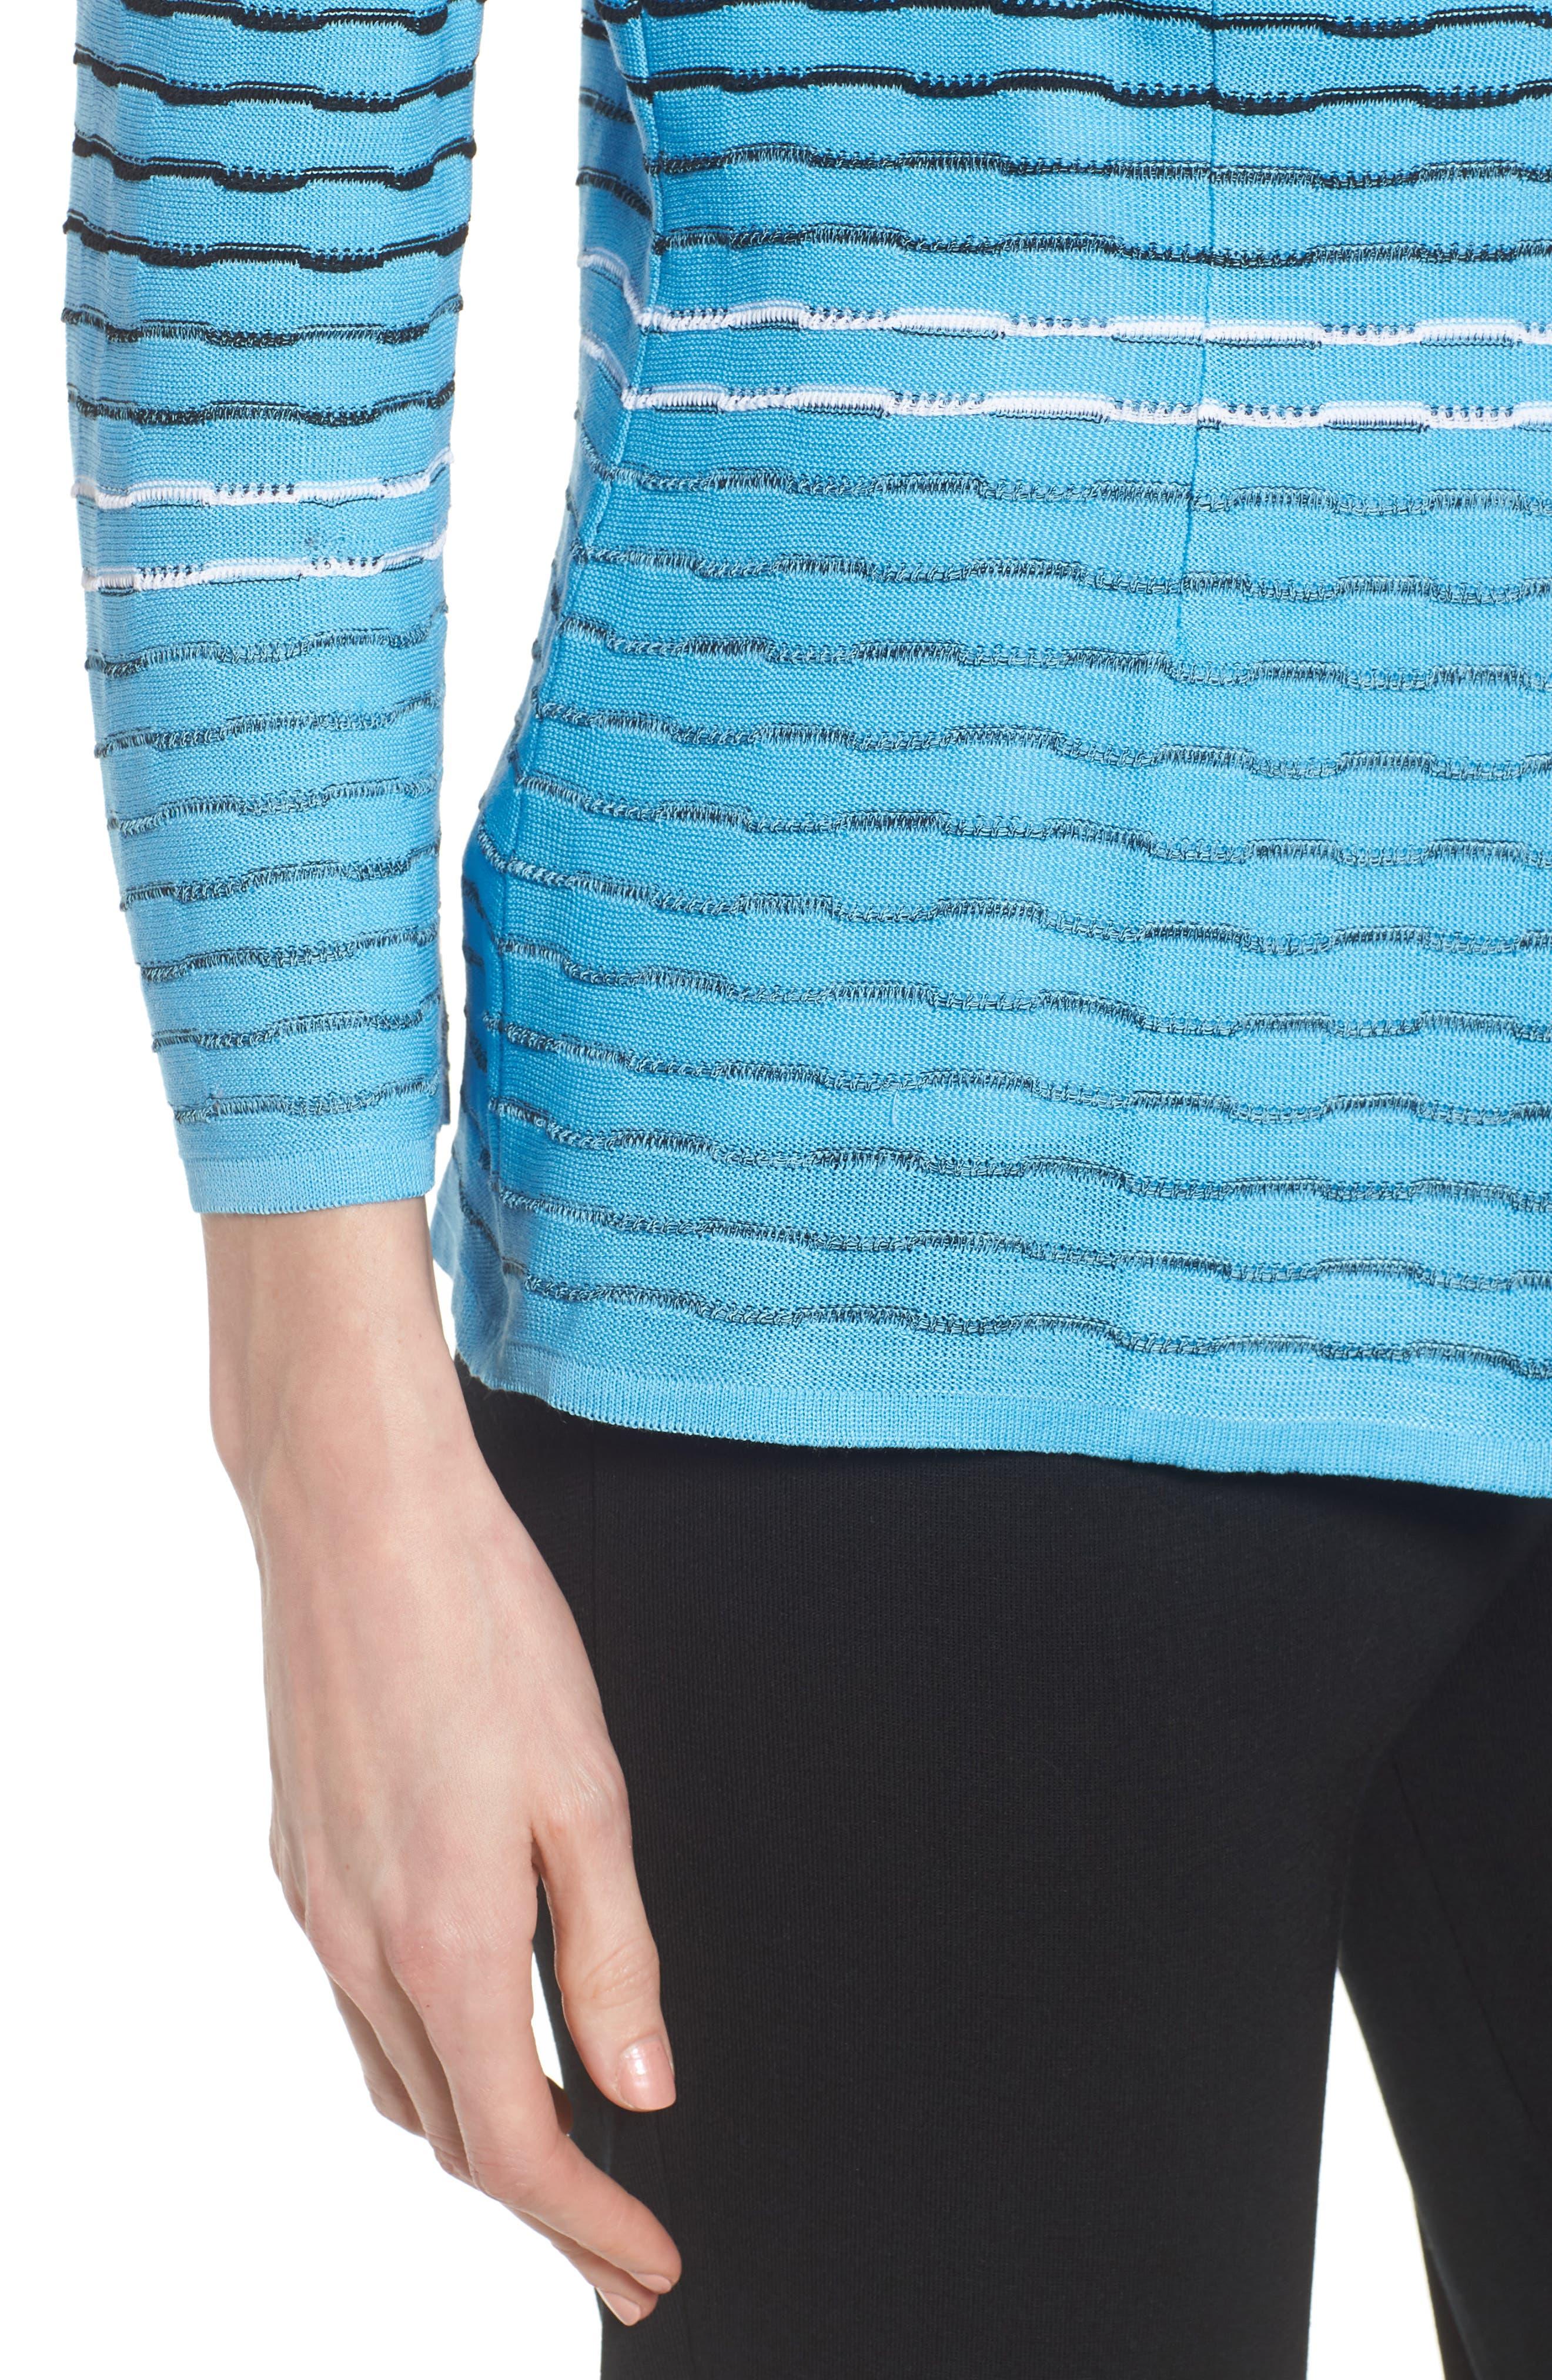 Jacquard Knit Jacket,                             Alternate thumbnail 4, color,                             BLUEBONNET/ BLACK/ WHITE